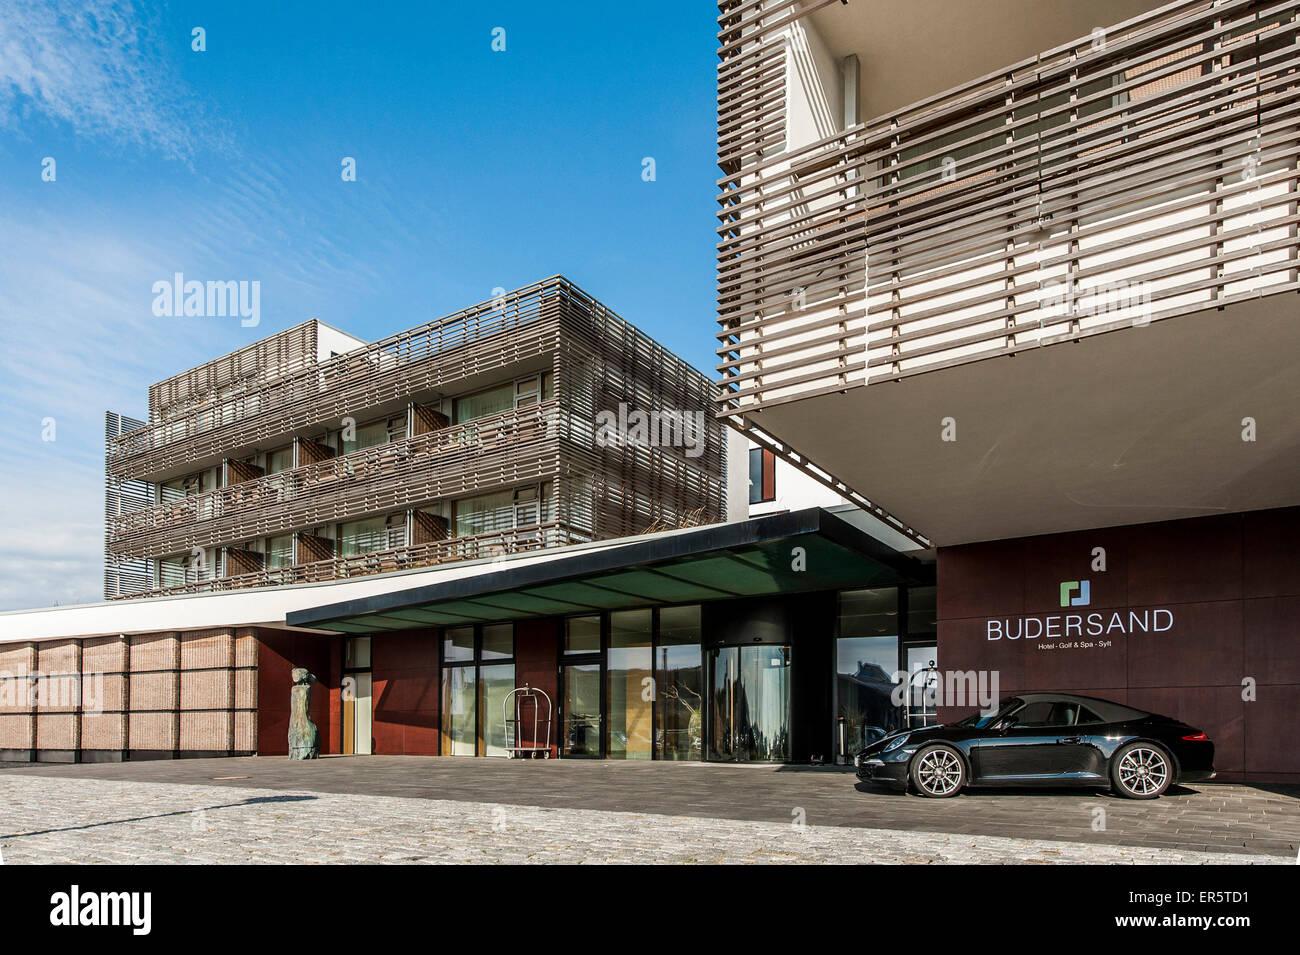 Aussenansicht Schuss von einem Hotel, Hoernum, Sylt, Schleswig-Holstein, Deutschland Stockbild